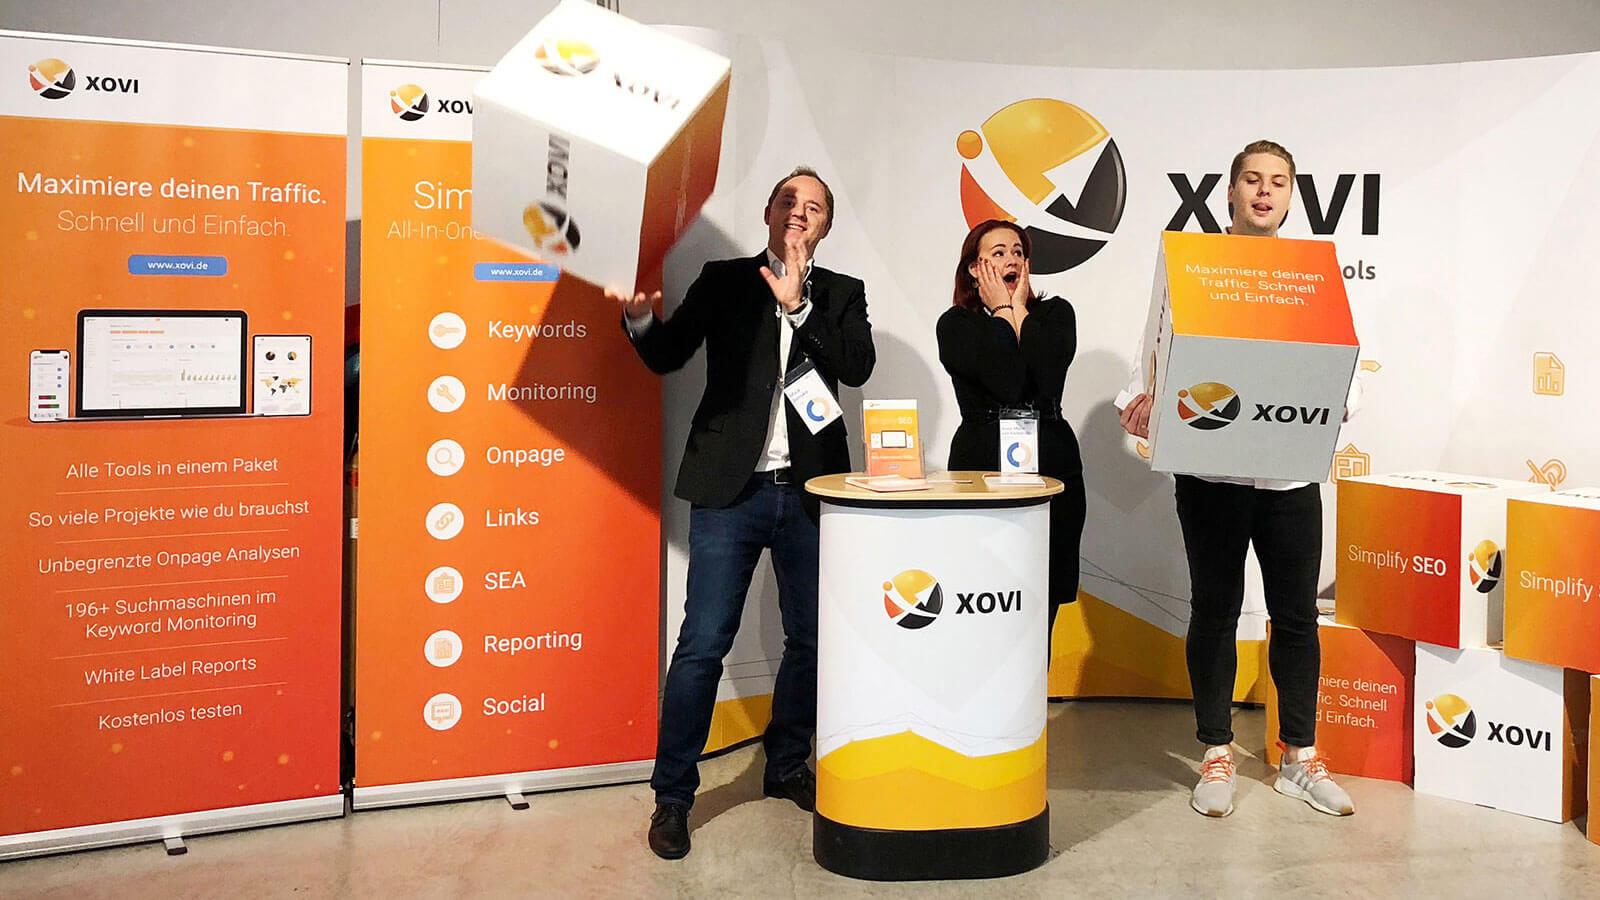 Foto vom XOVI Stand auf der SEOkomm und OMX Salzburg 2018